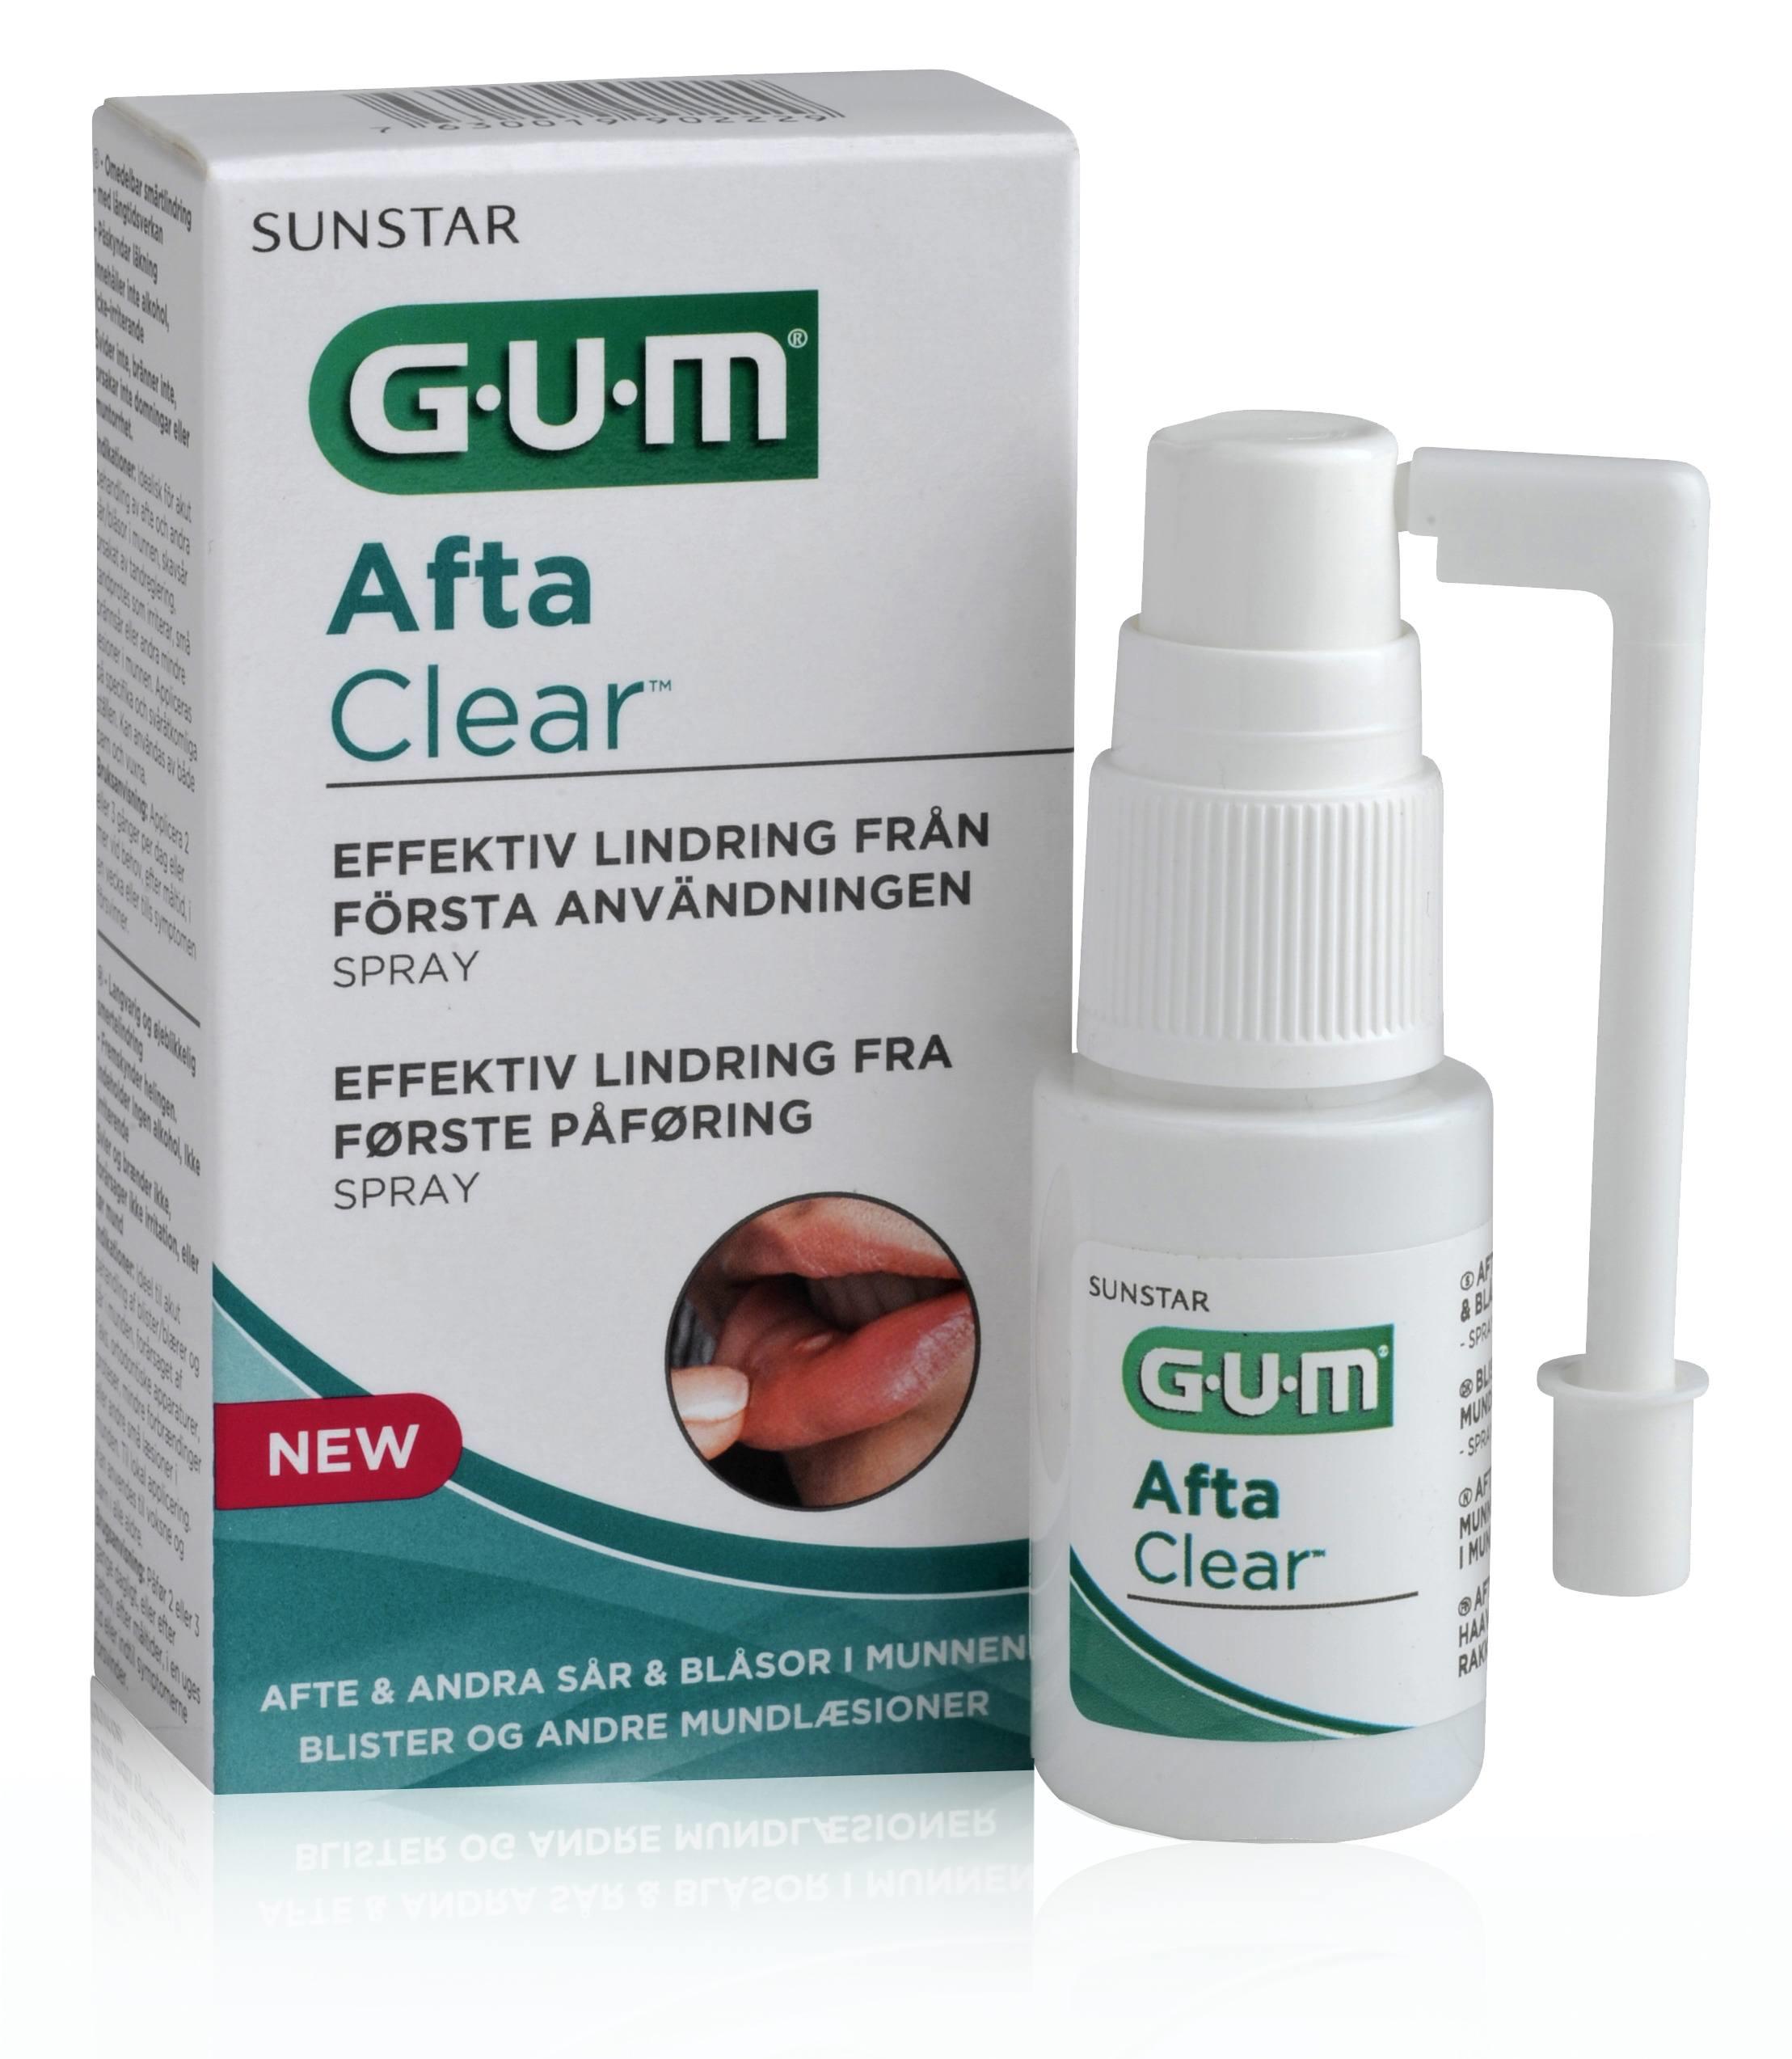 GUM AftaClear, spray, 15 ml